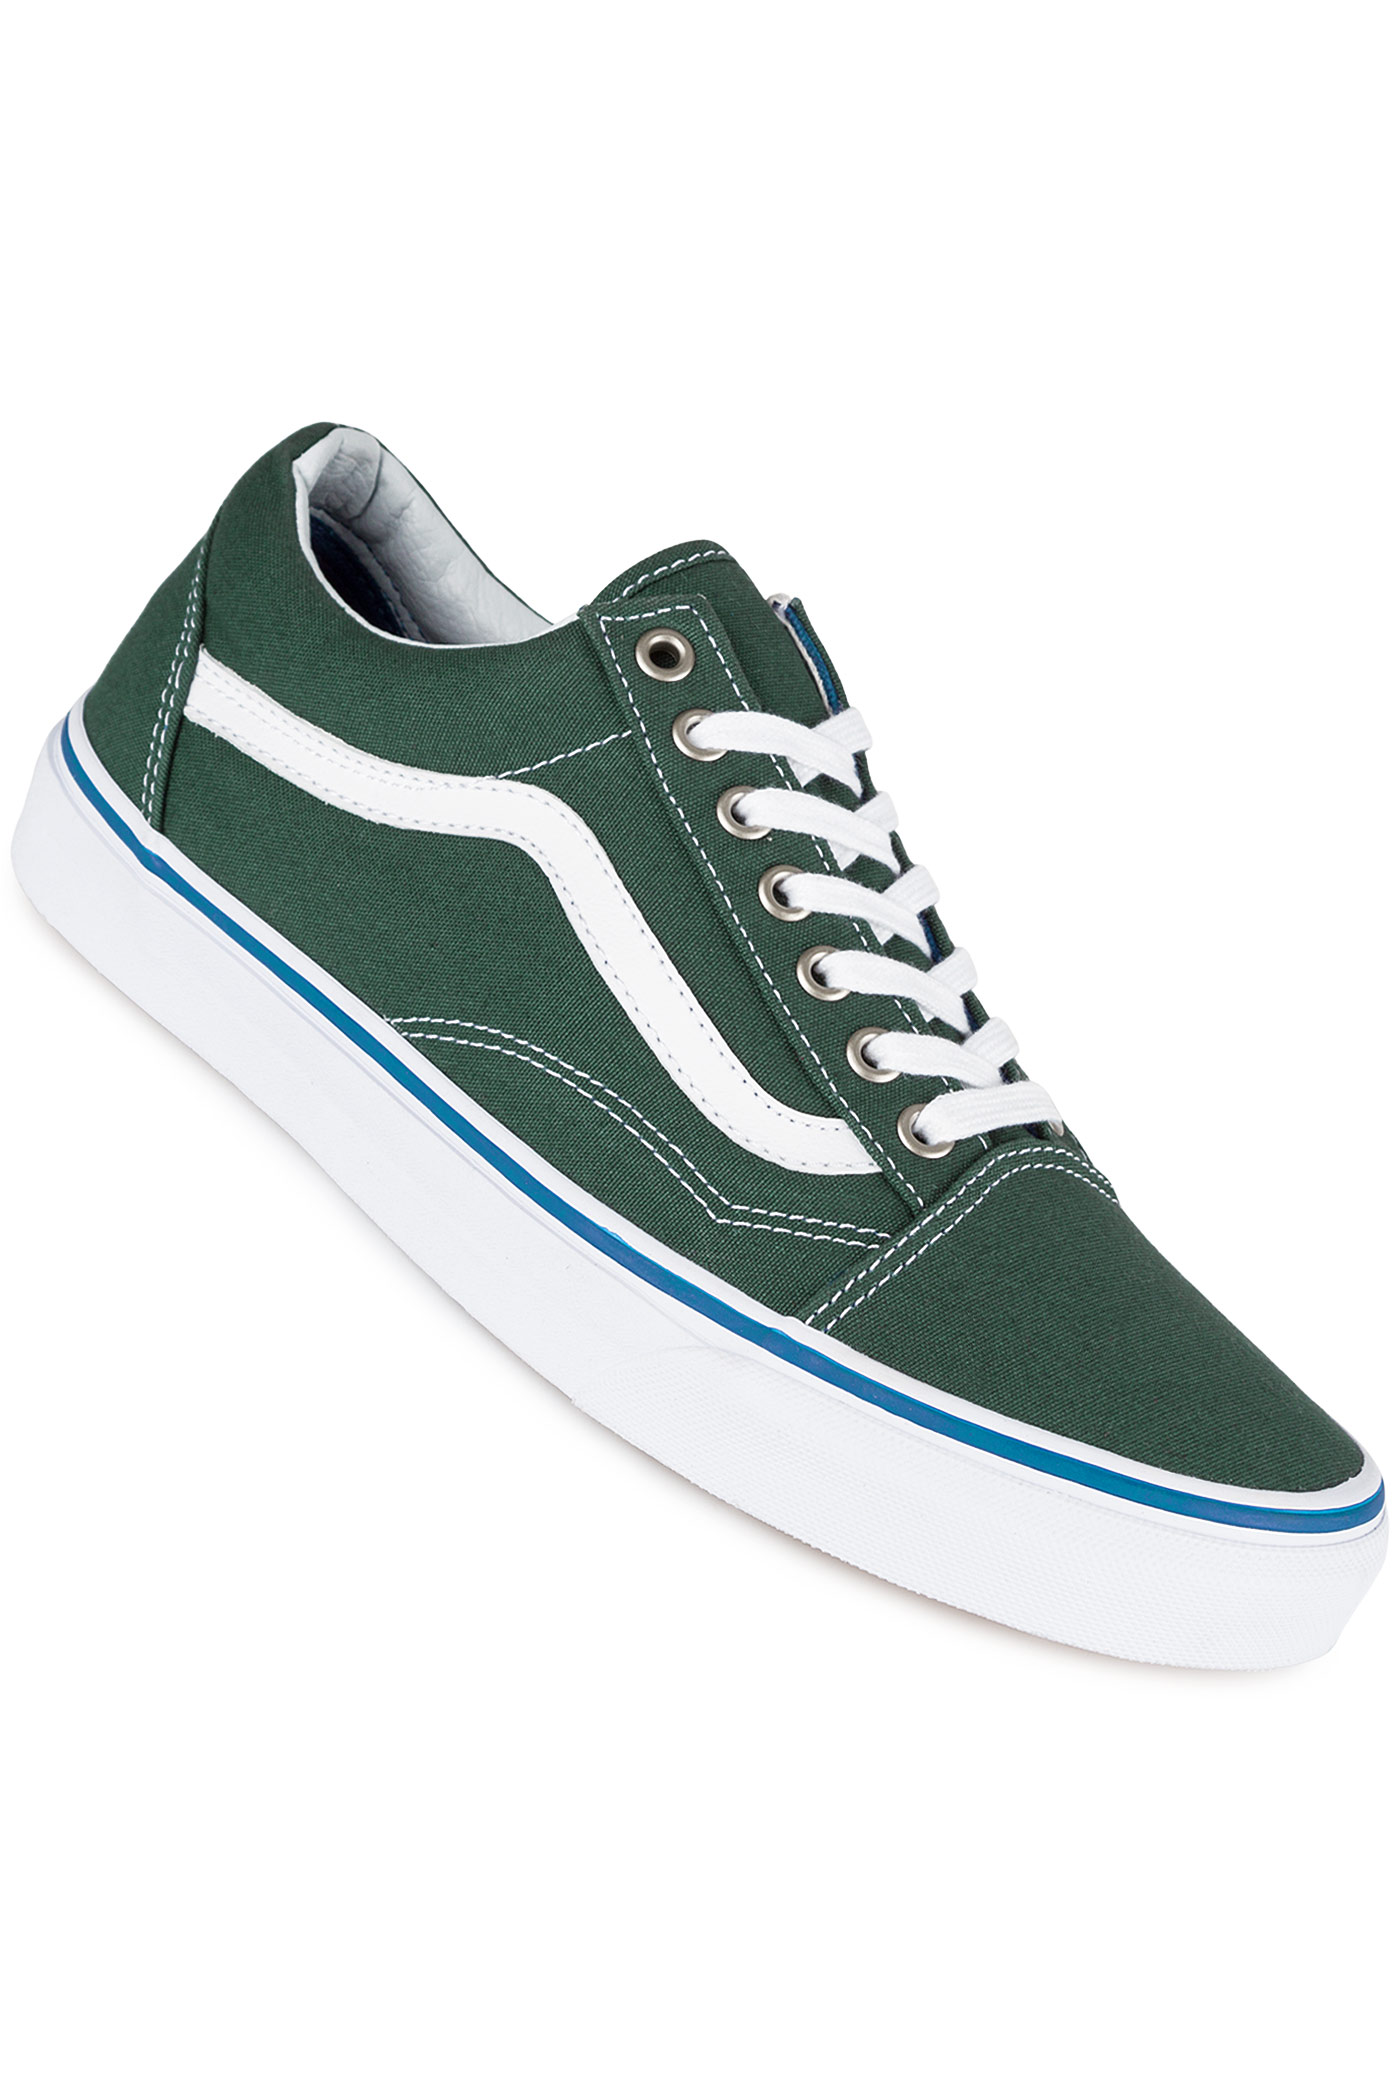 vans old skool shoe green gables true white buy at. Black Bedroom Furniture Sets. Home Design Ideas